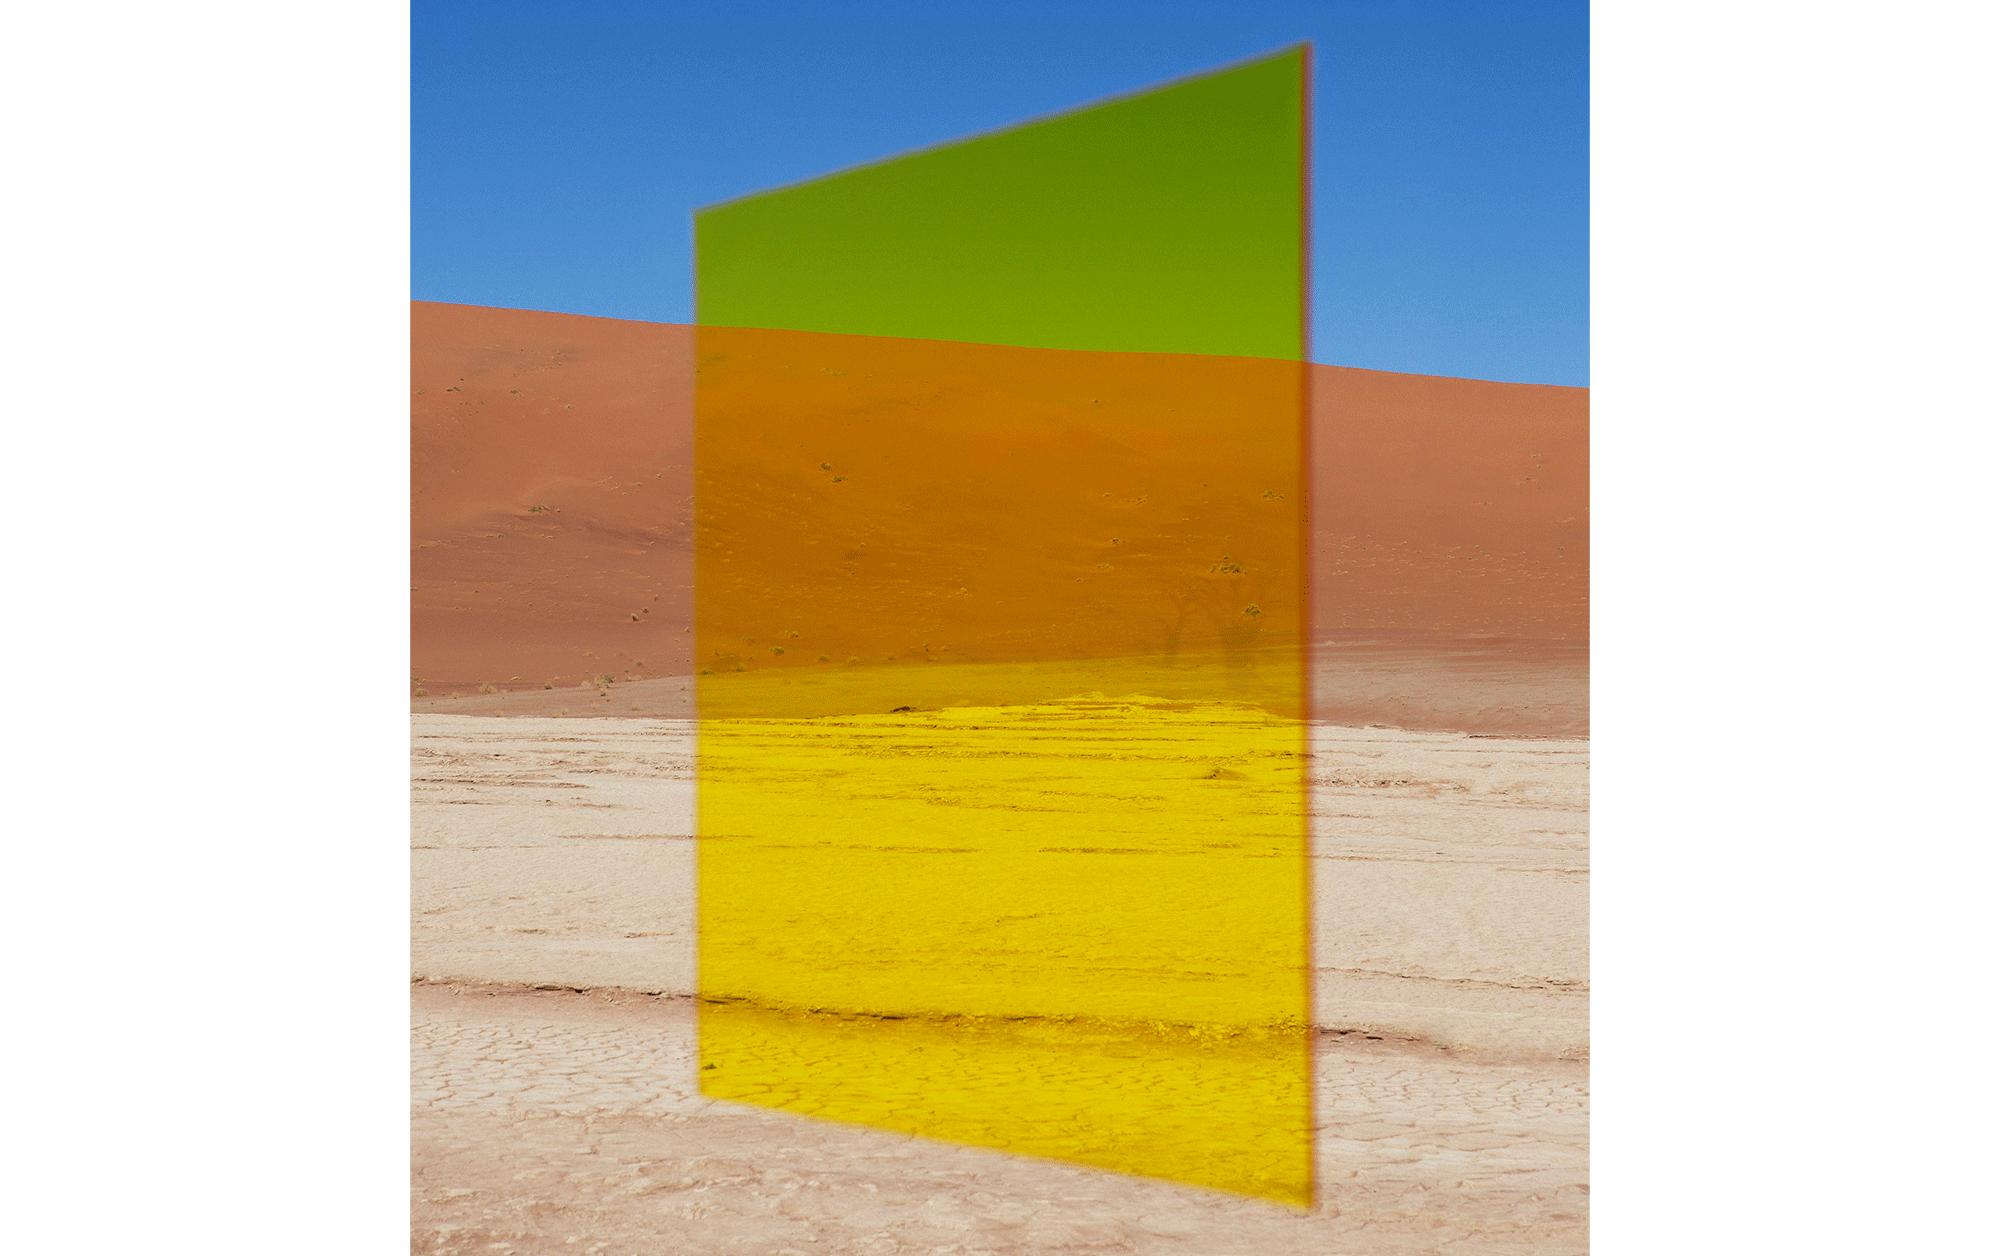 BAUHAUSがヴォルフガング・ティルマンス、ヴィヴィアン・サッセンら現代作家に与えた影響とは? | Viviane Sassen: Yellow Vlei © Viviane Sassen